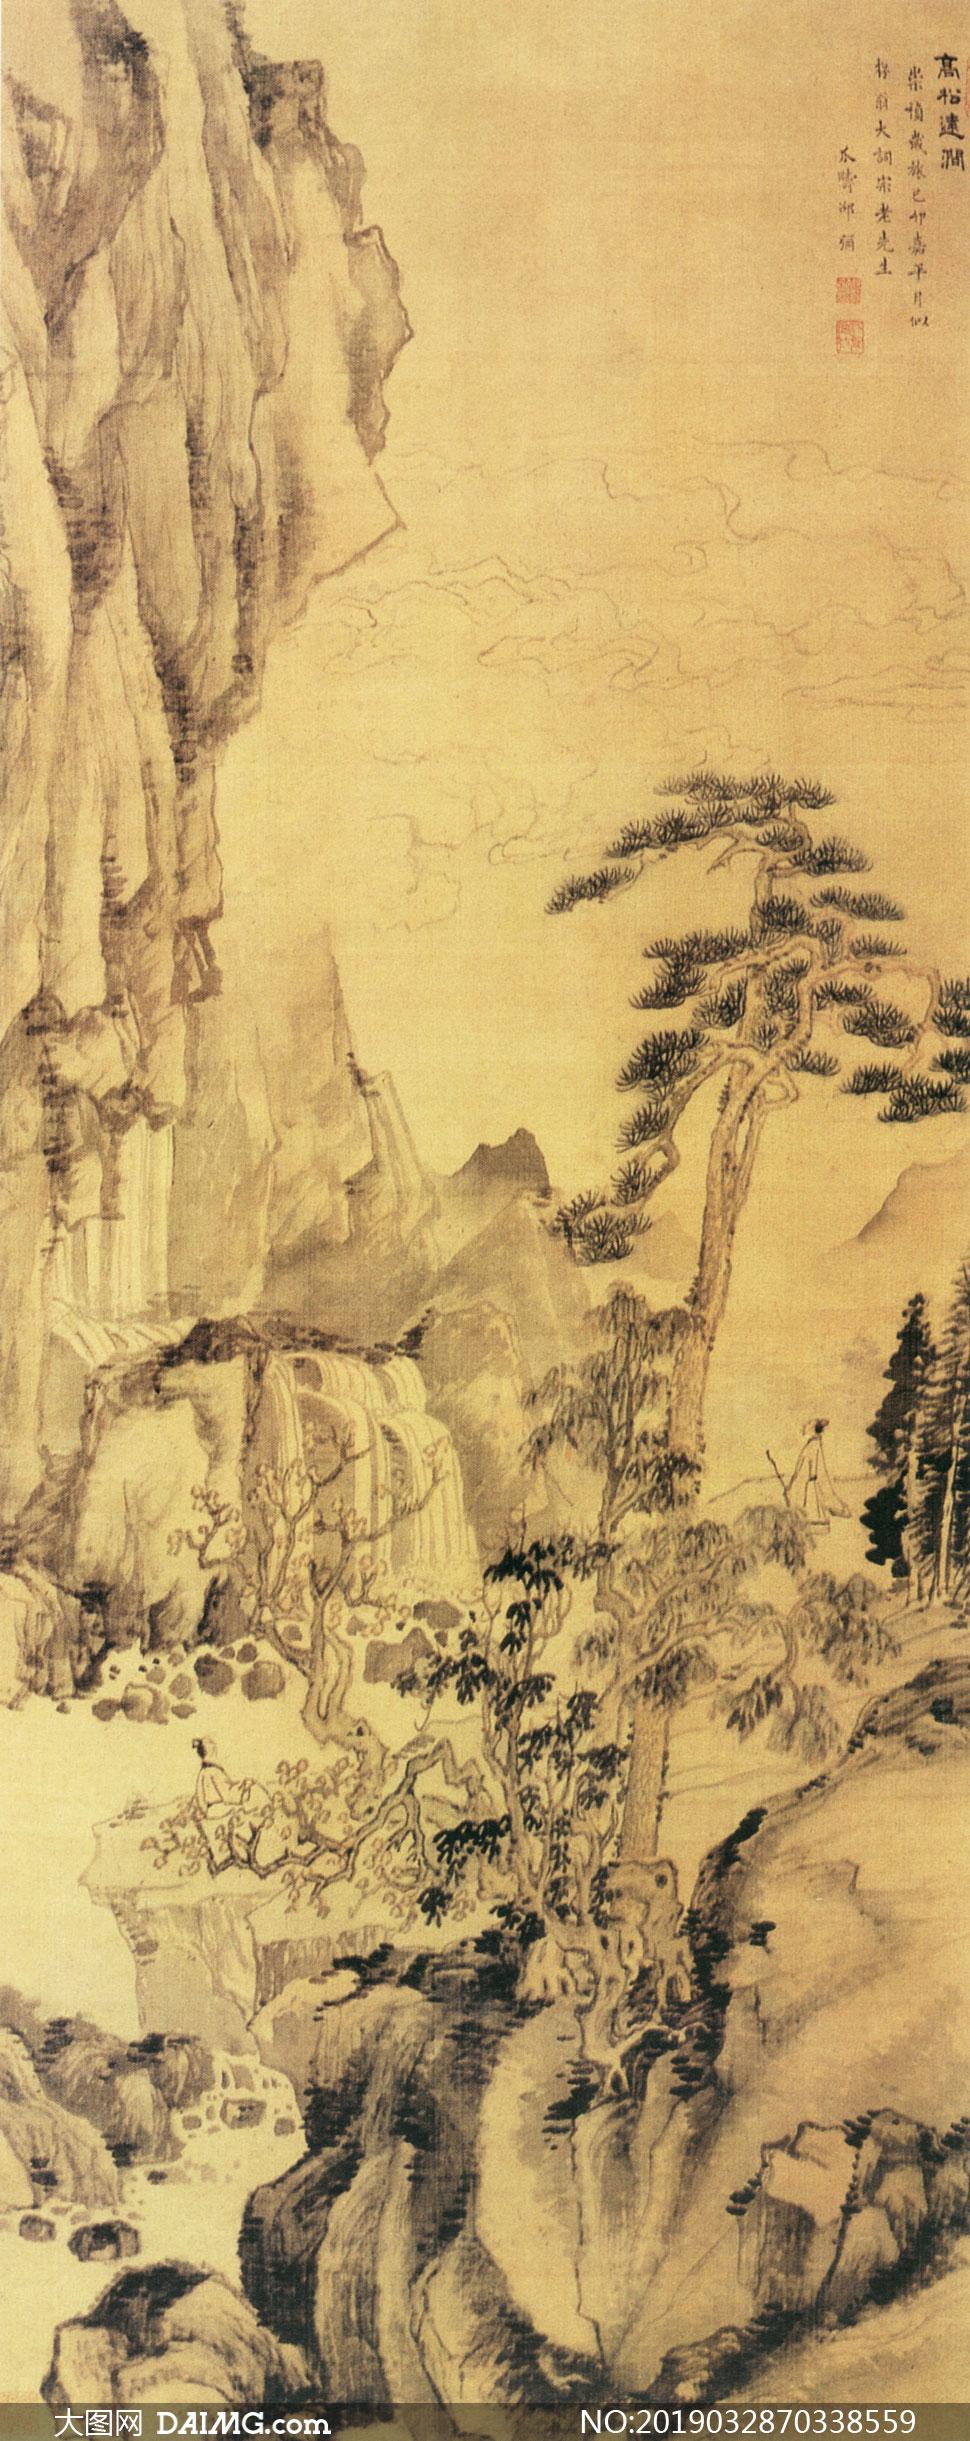 明代邵弥的高松远涧图国画高清图片